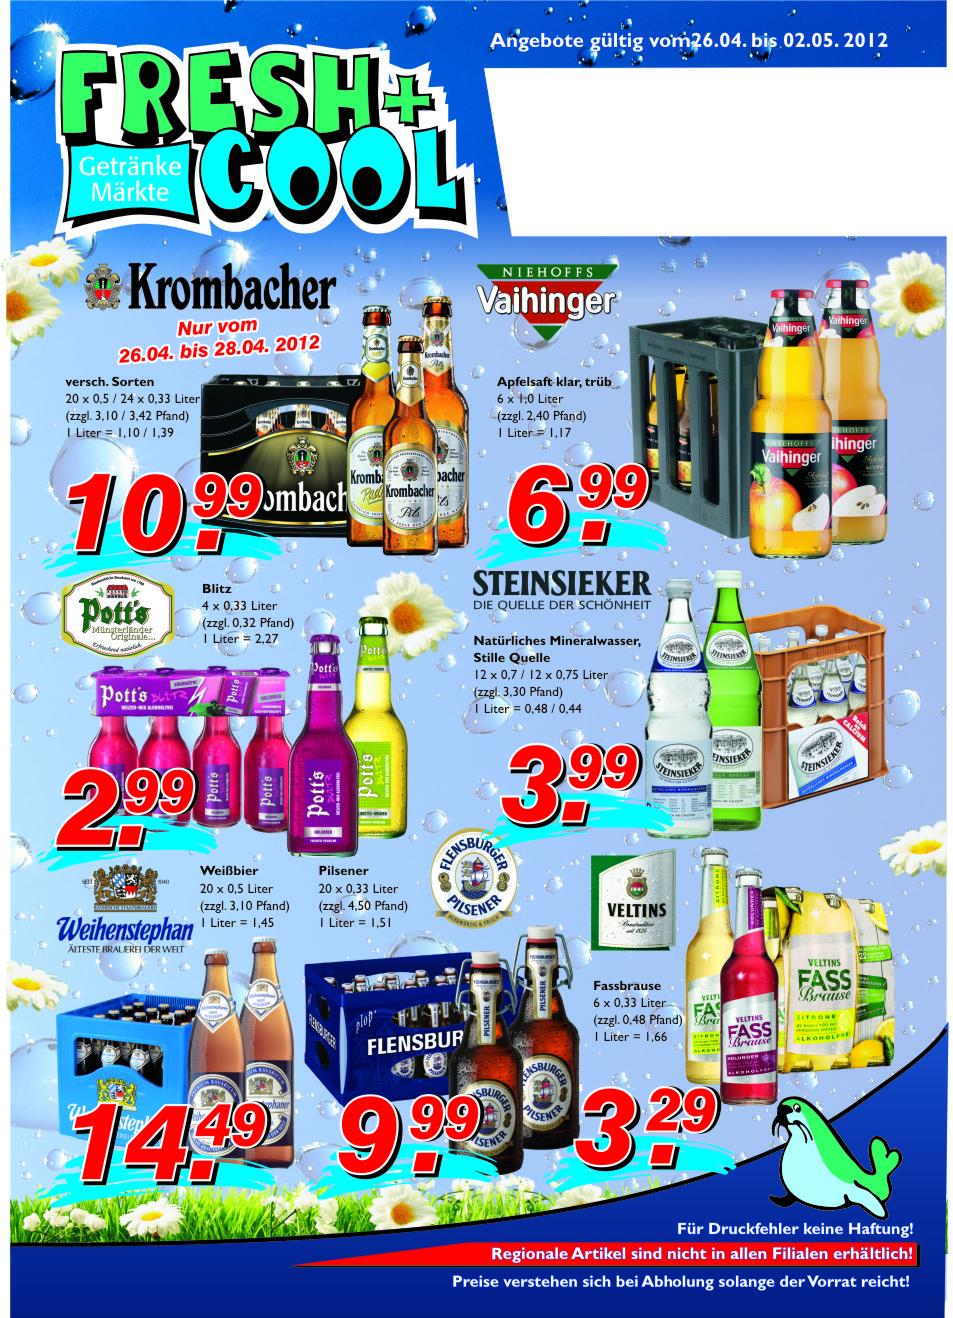 Angebote vom 26.04.-02.05.2012 Seite 1 | Getränke Rücker